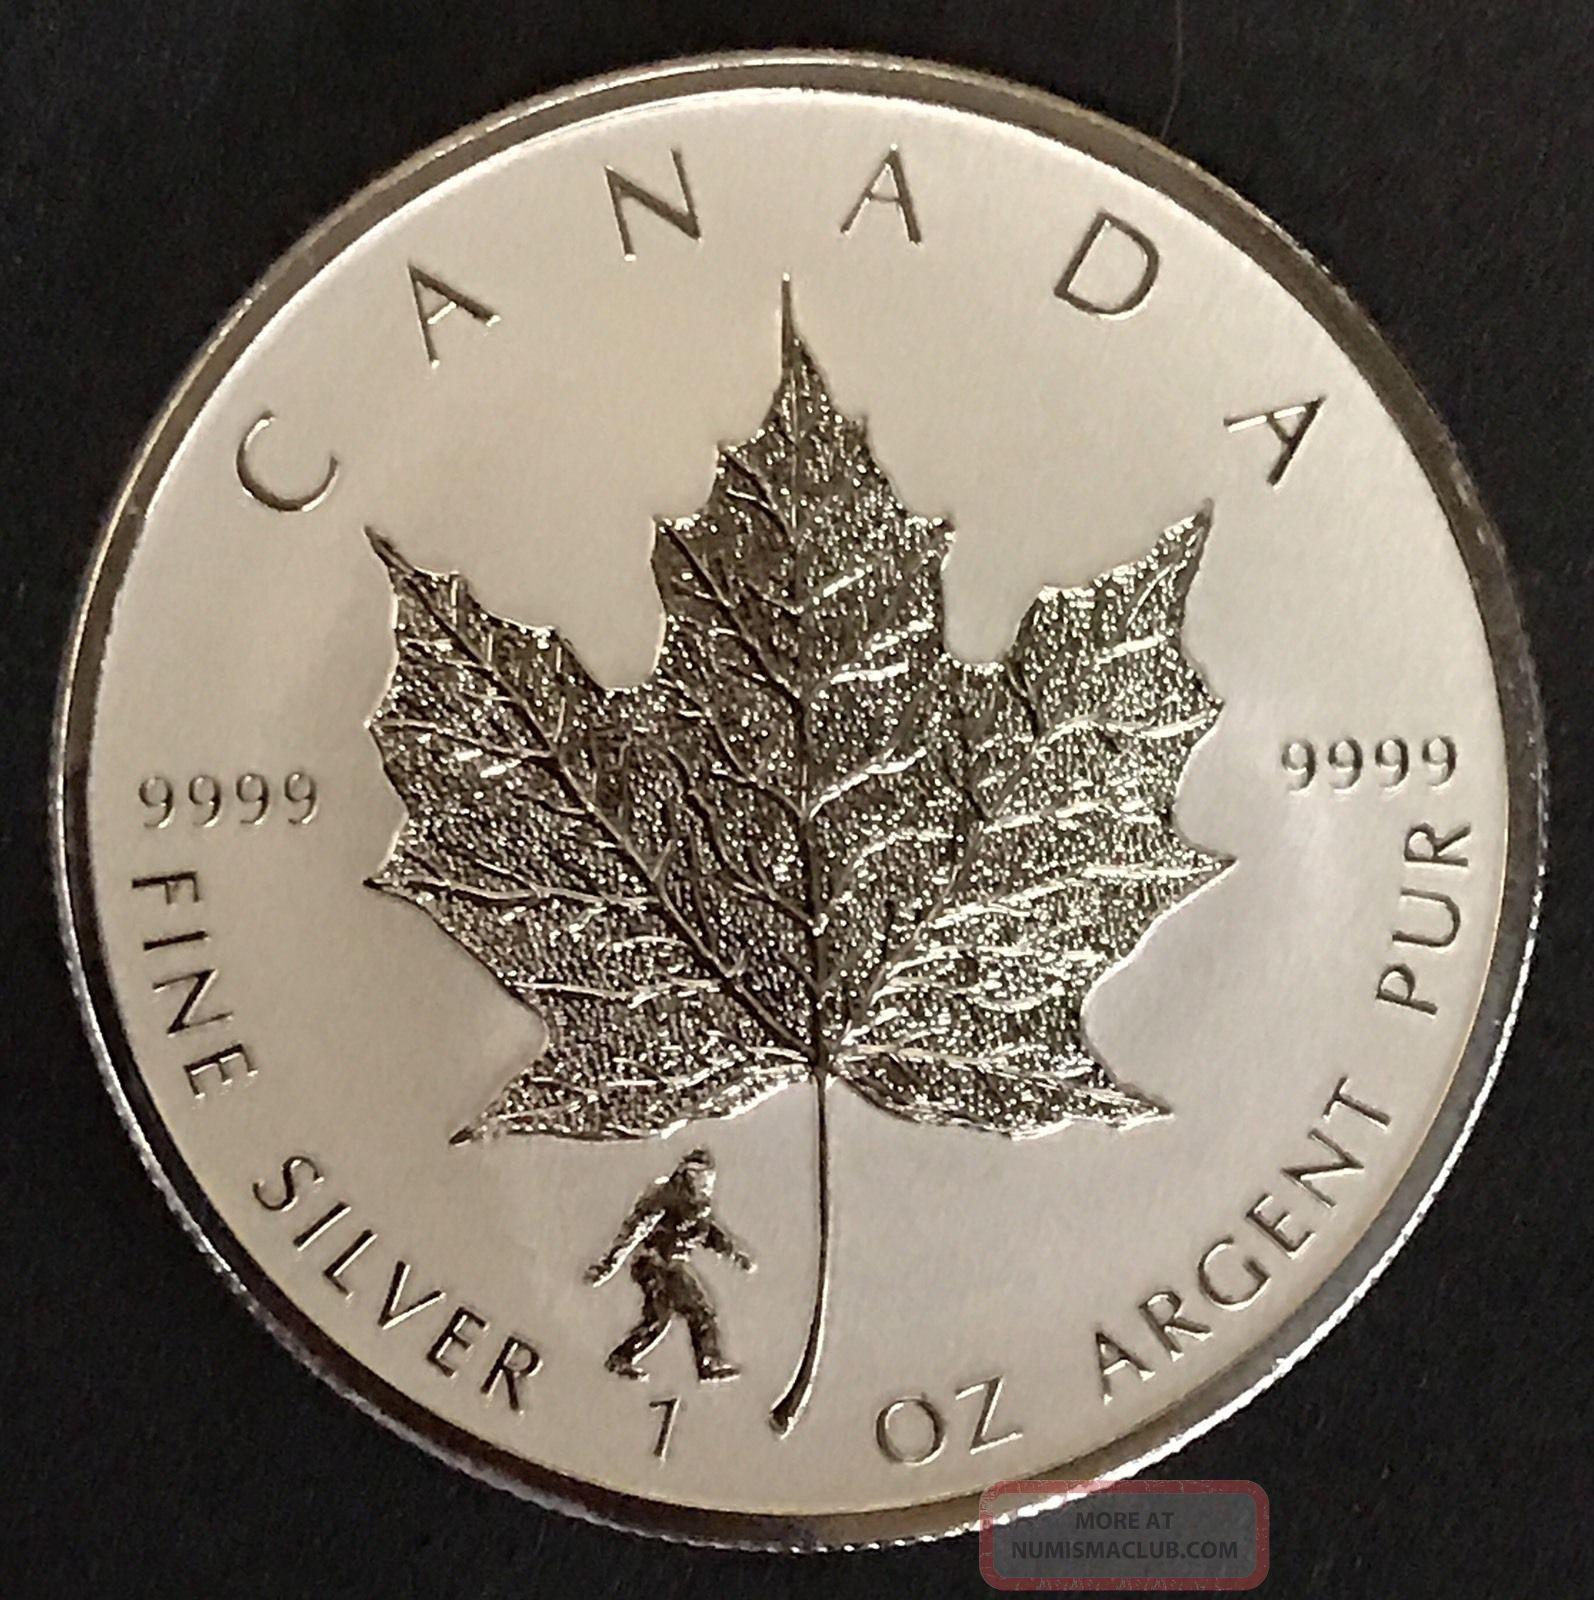 2016 Quot Bigfoot Privy Quot 1 Oz Canadian Silver Maple Leaf